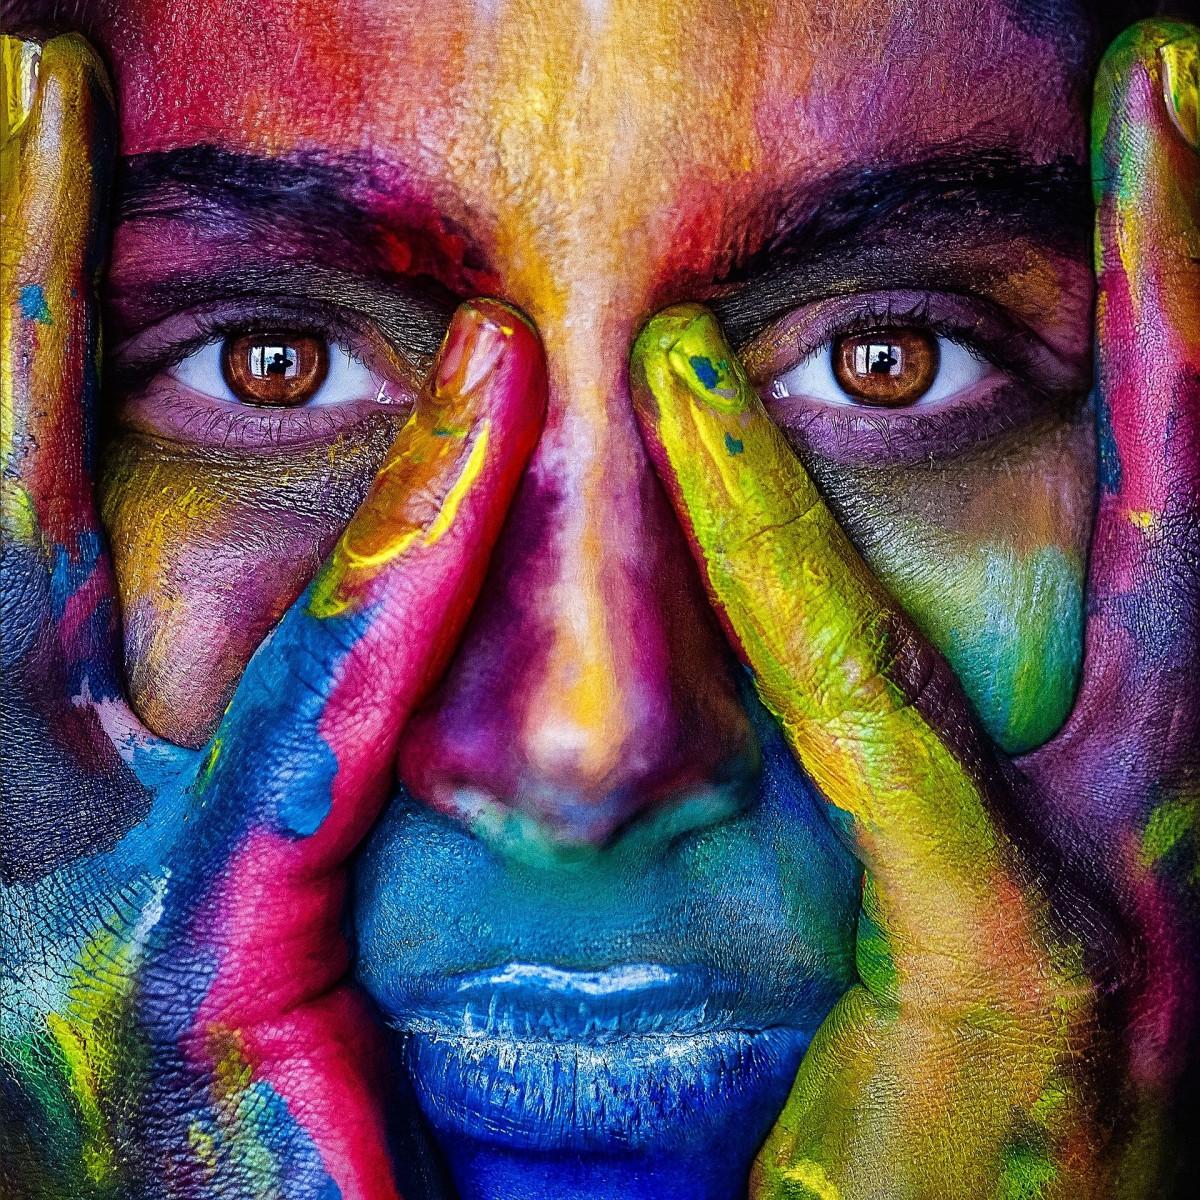 Пазл Собирать пазлы онлайн - Разноцветное лицо